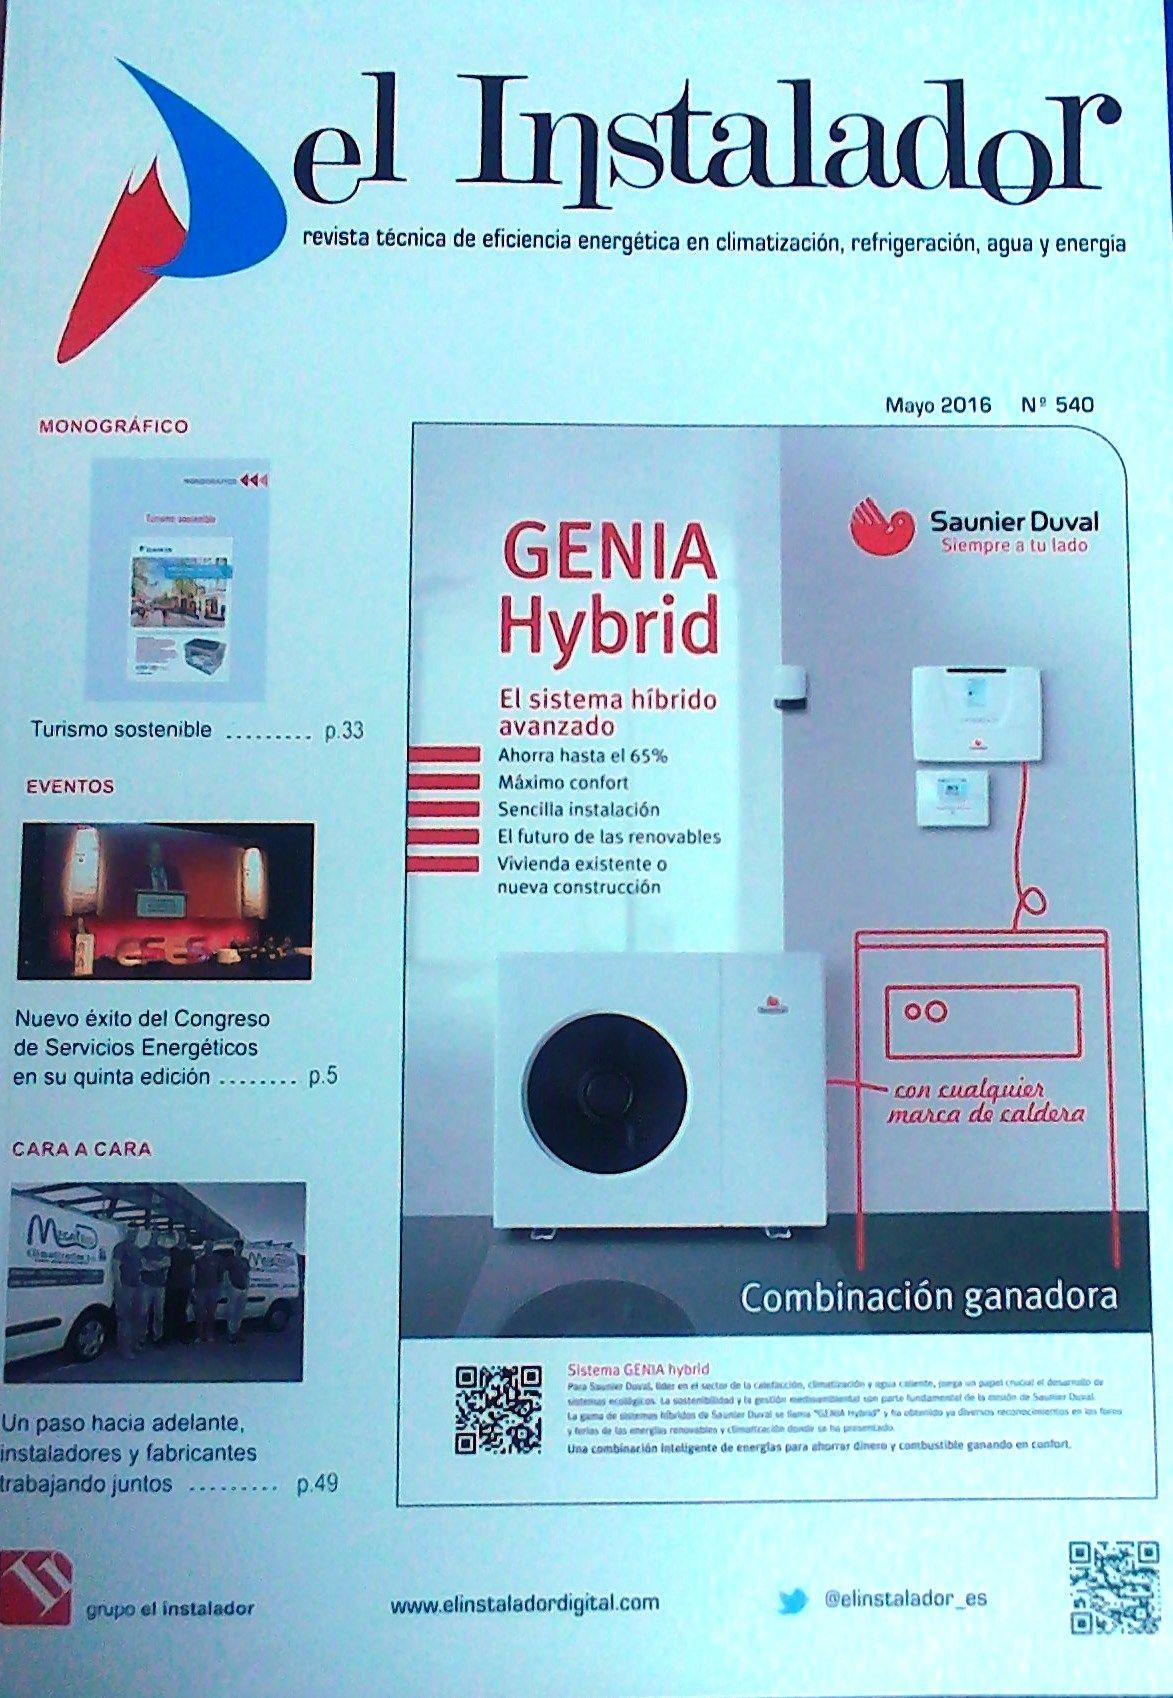 El instalador : revista técnica de eficiencia energética en climatización, refrigeración, agua y energía. Nº 540 (Mayo 2016). Sumarios: http://sfx.bugalicia.org/aco?sid=III:innopac&pid=id=02104091.... No catálogo: http://kmelot.biblioteca.udc.es/search*gag/?searchtype=m&searcharg=el+instalador&searchscope=1&SORT=D&B1=Buscar...